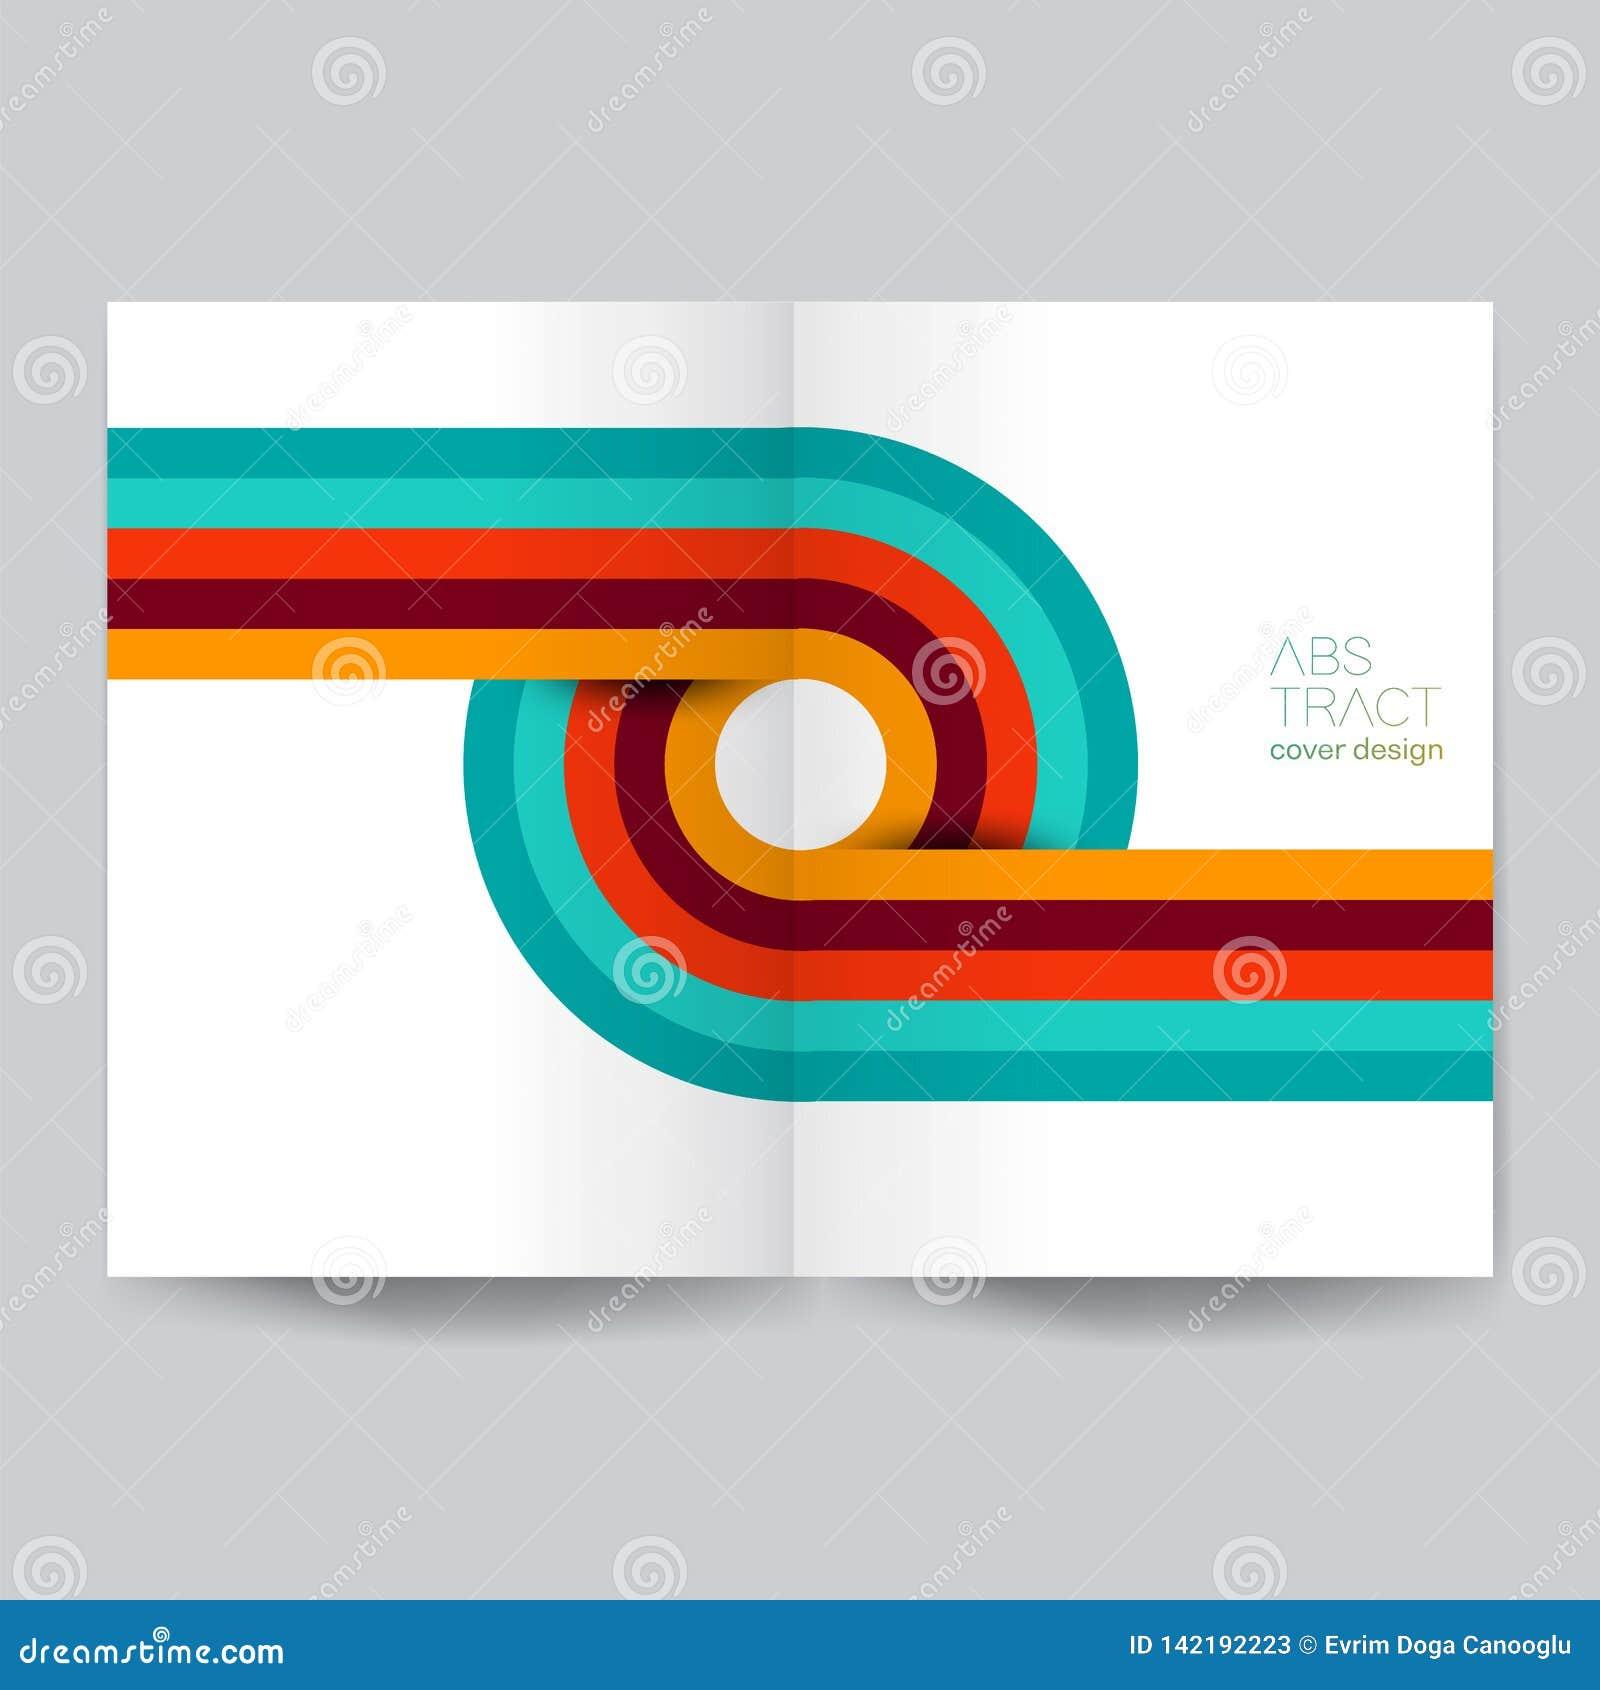 Minimalistic-Abdeckungsentwurf - Illustration Hintergründe, Verbindung, Computer-Animation, Bewegung, Ideen